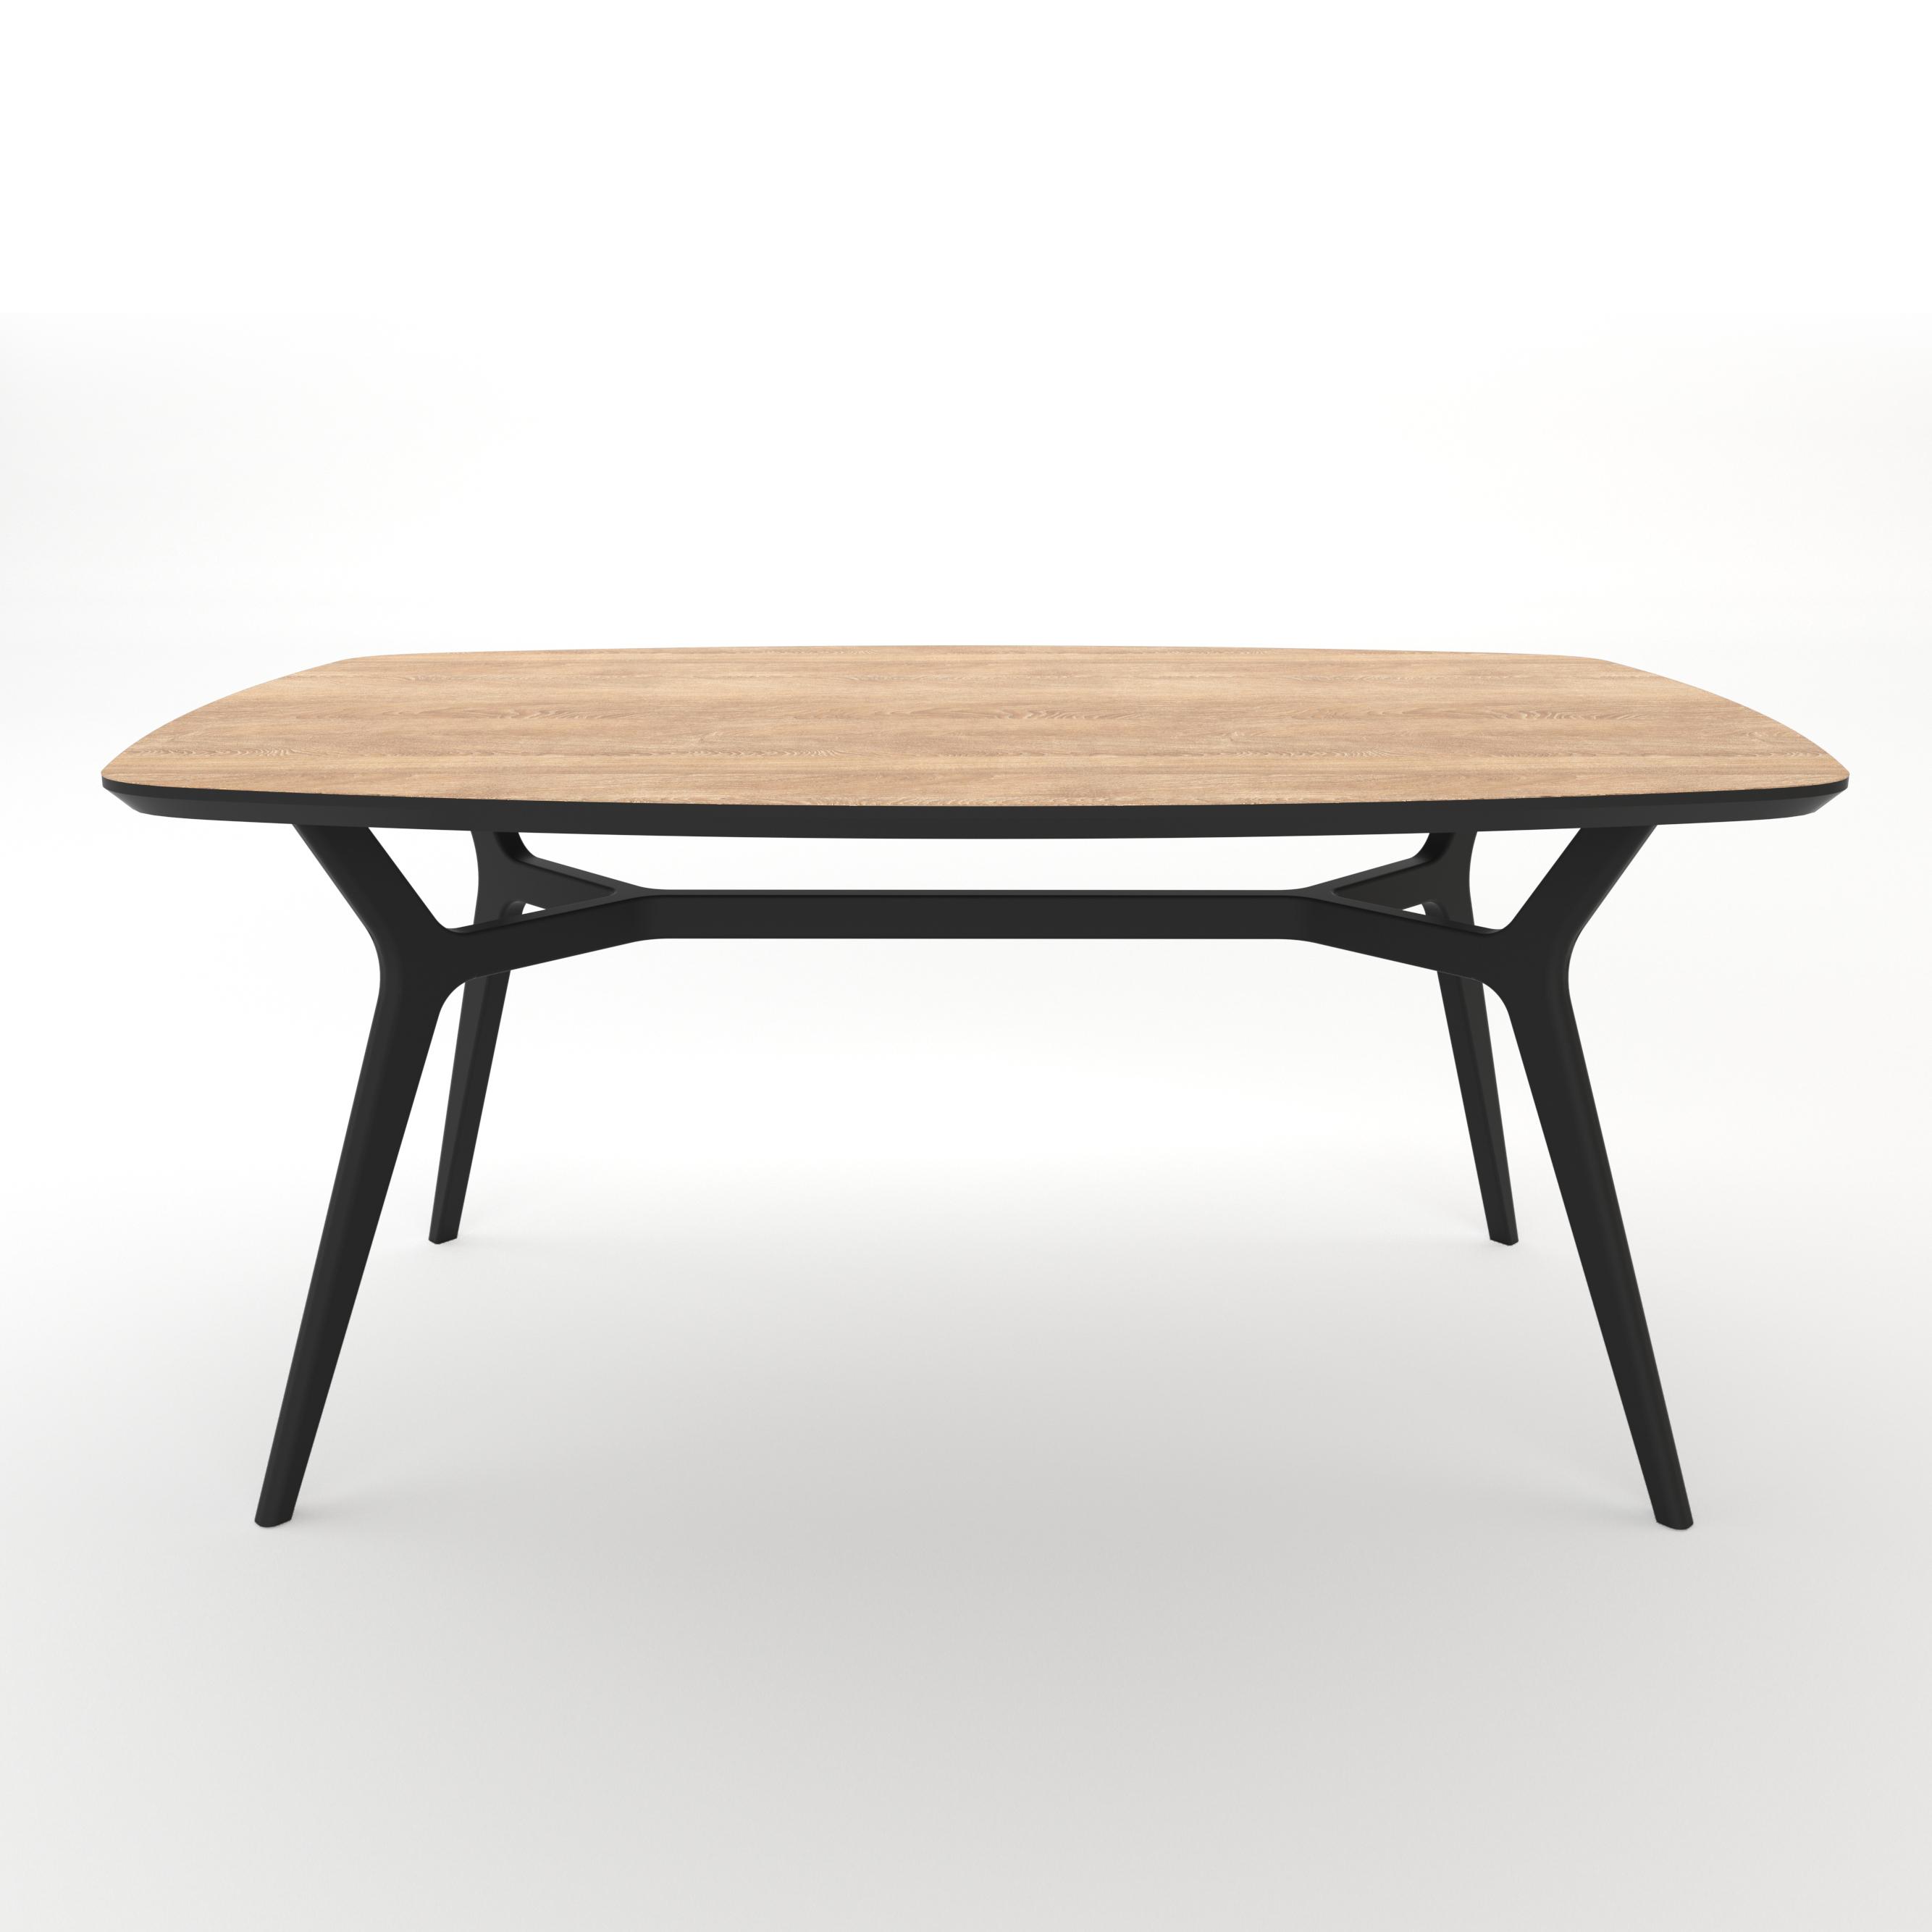 Стол JohannОбеденные столы<br>Тщательная проработка деталей и пропорций стола позволяет ему идеально вписаться в любой интерьер.&amp;lt;div&amp;gt;&amp;lt;br&amp;gt;&amp;lt;/div&amp;gt;&amp;lt;div&amp;gt;Отделка столешницы шпоном дуба, подстолье выкрашено в цвет графит. Сборка не требуется.&amp;lt;/div&amp;gt;<br><br>Material: МДФ<br>Ширина см: 160<br>Высота см: 75<br>Глубина см: 80